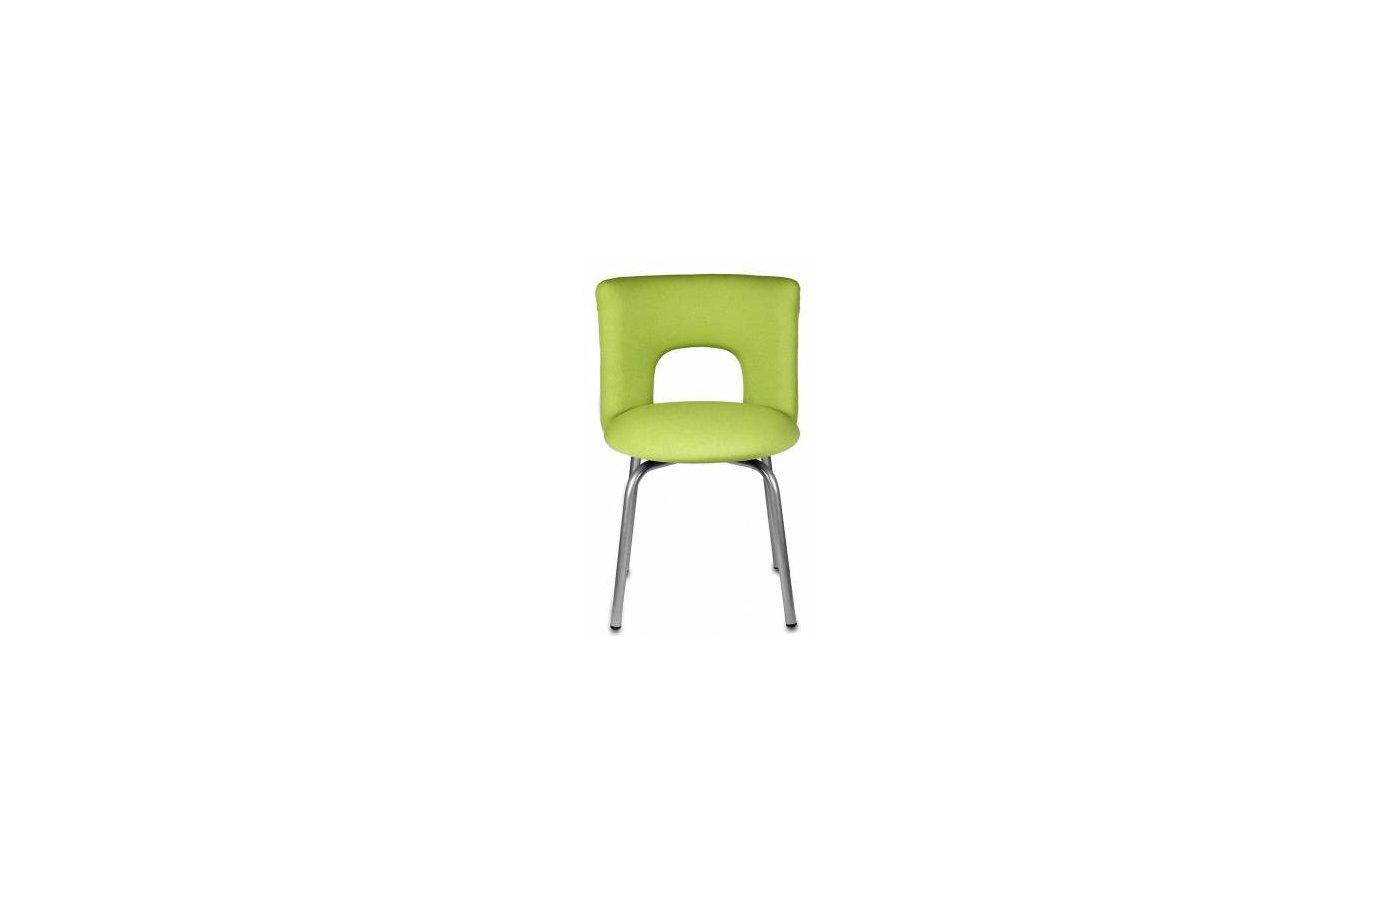 Бюрократ стул KF-1/27-34 вращающийся светло-салатовый 27-34